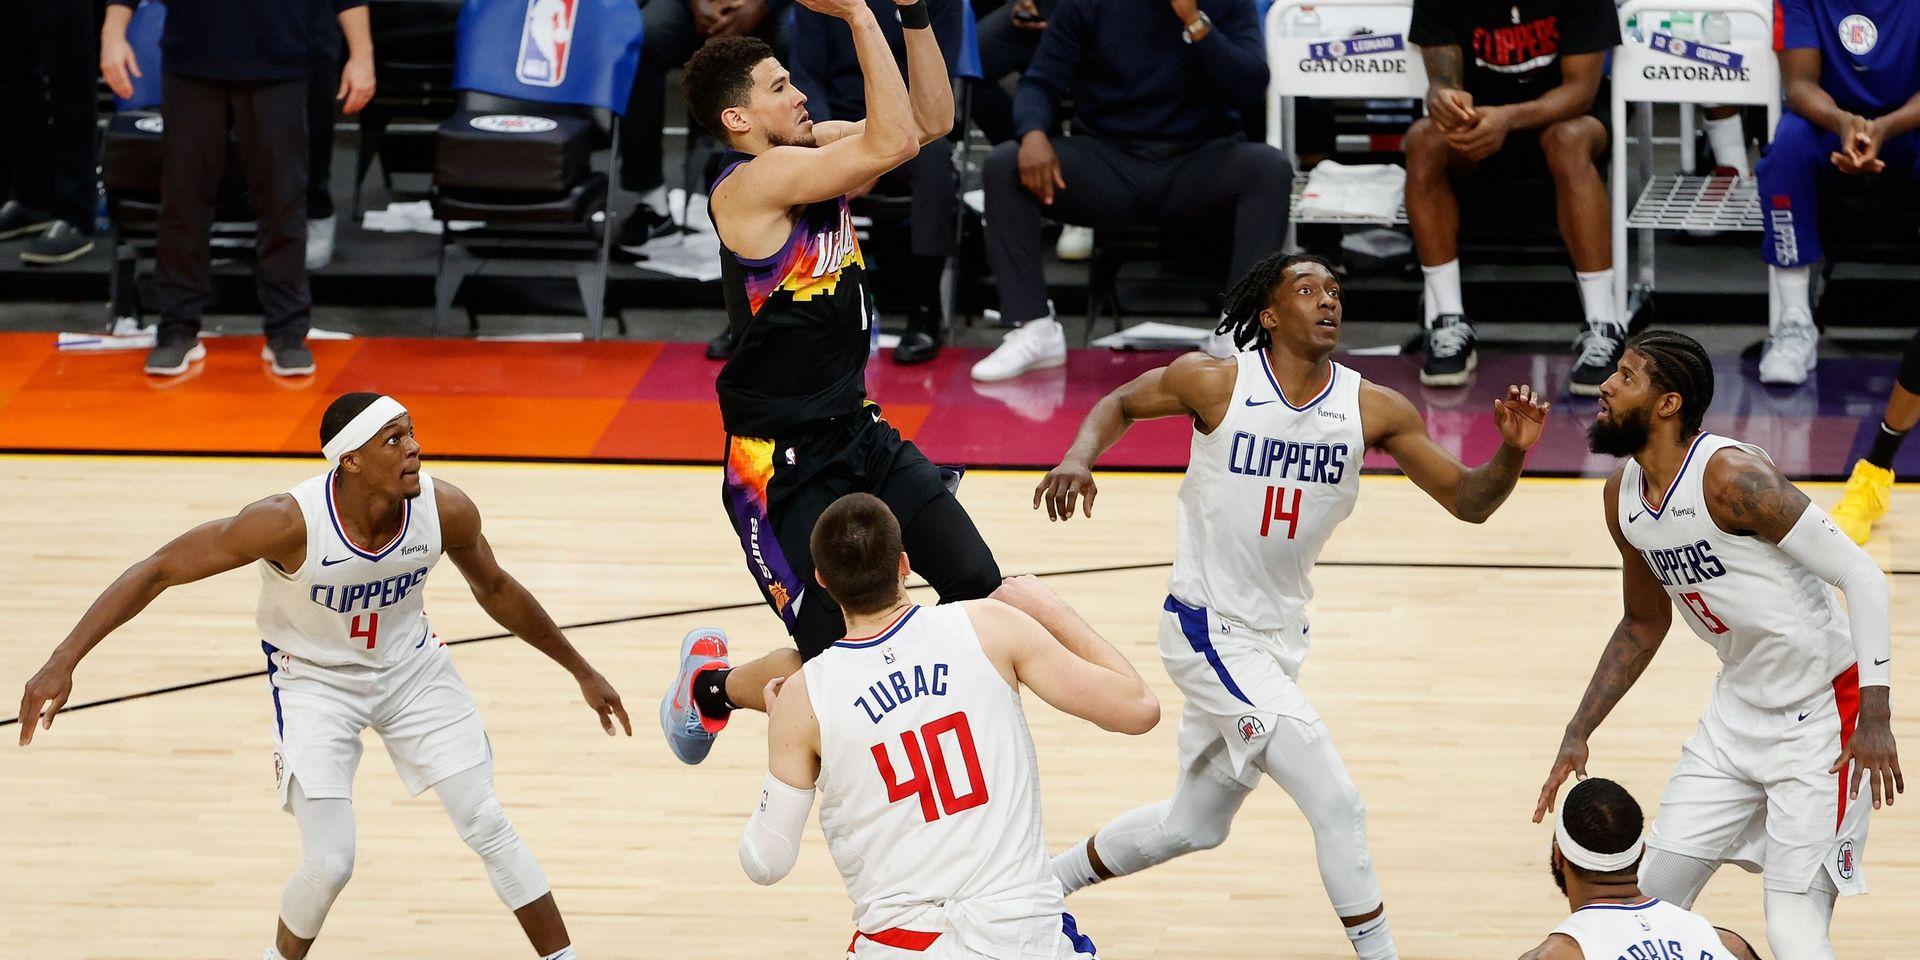 NBA: les Suns se payent les Clippers et se hissent en playoffs, une première depuis 2010